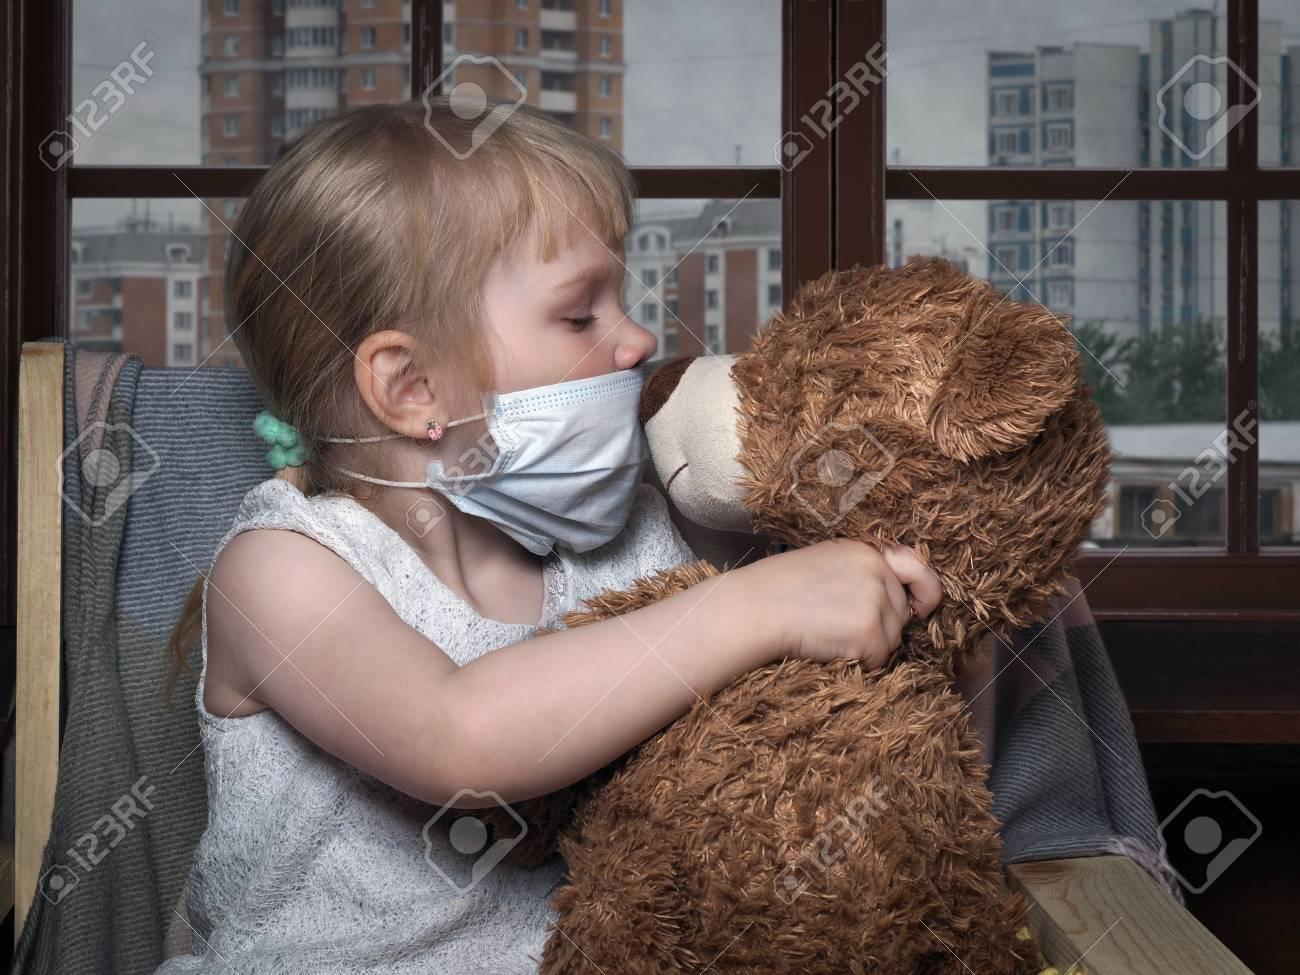 Sleep Med Kussen : Kleines kind in einer medizinischen maske küssen spielzeug bär